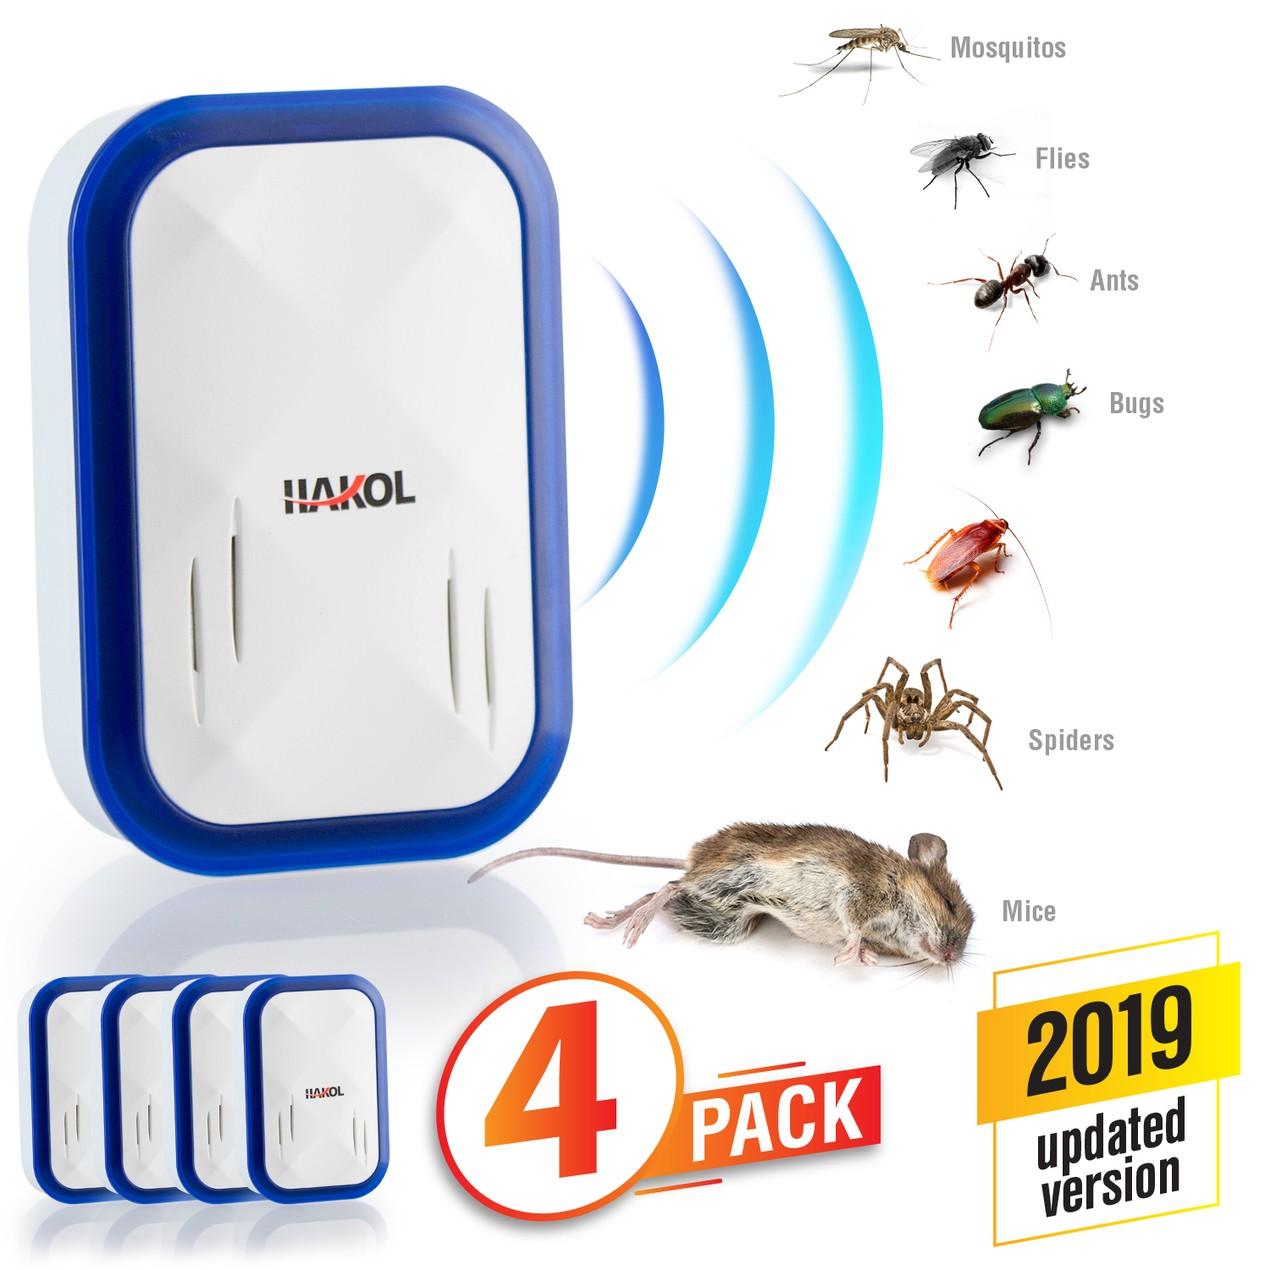 4-Pack Ultrasonic Pest Repeller Plug-in - Brand New 2019